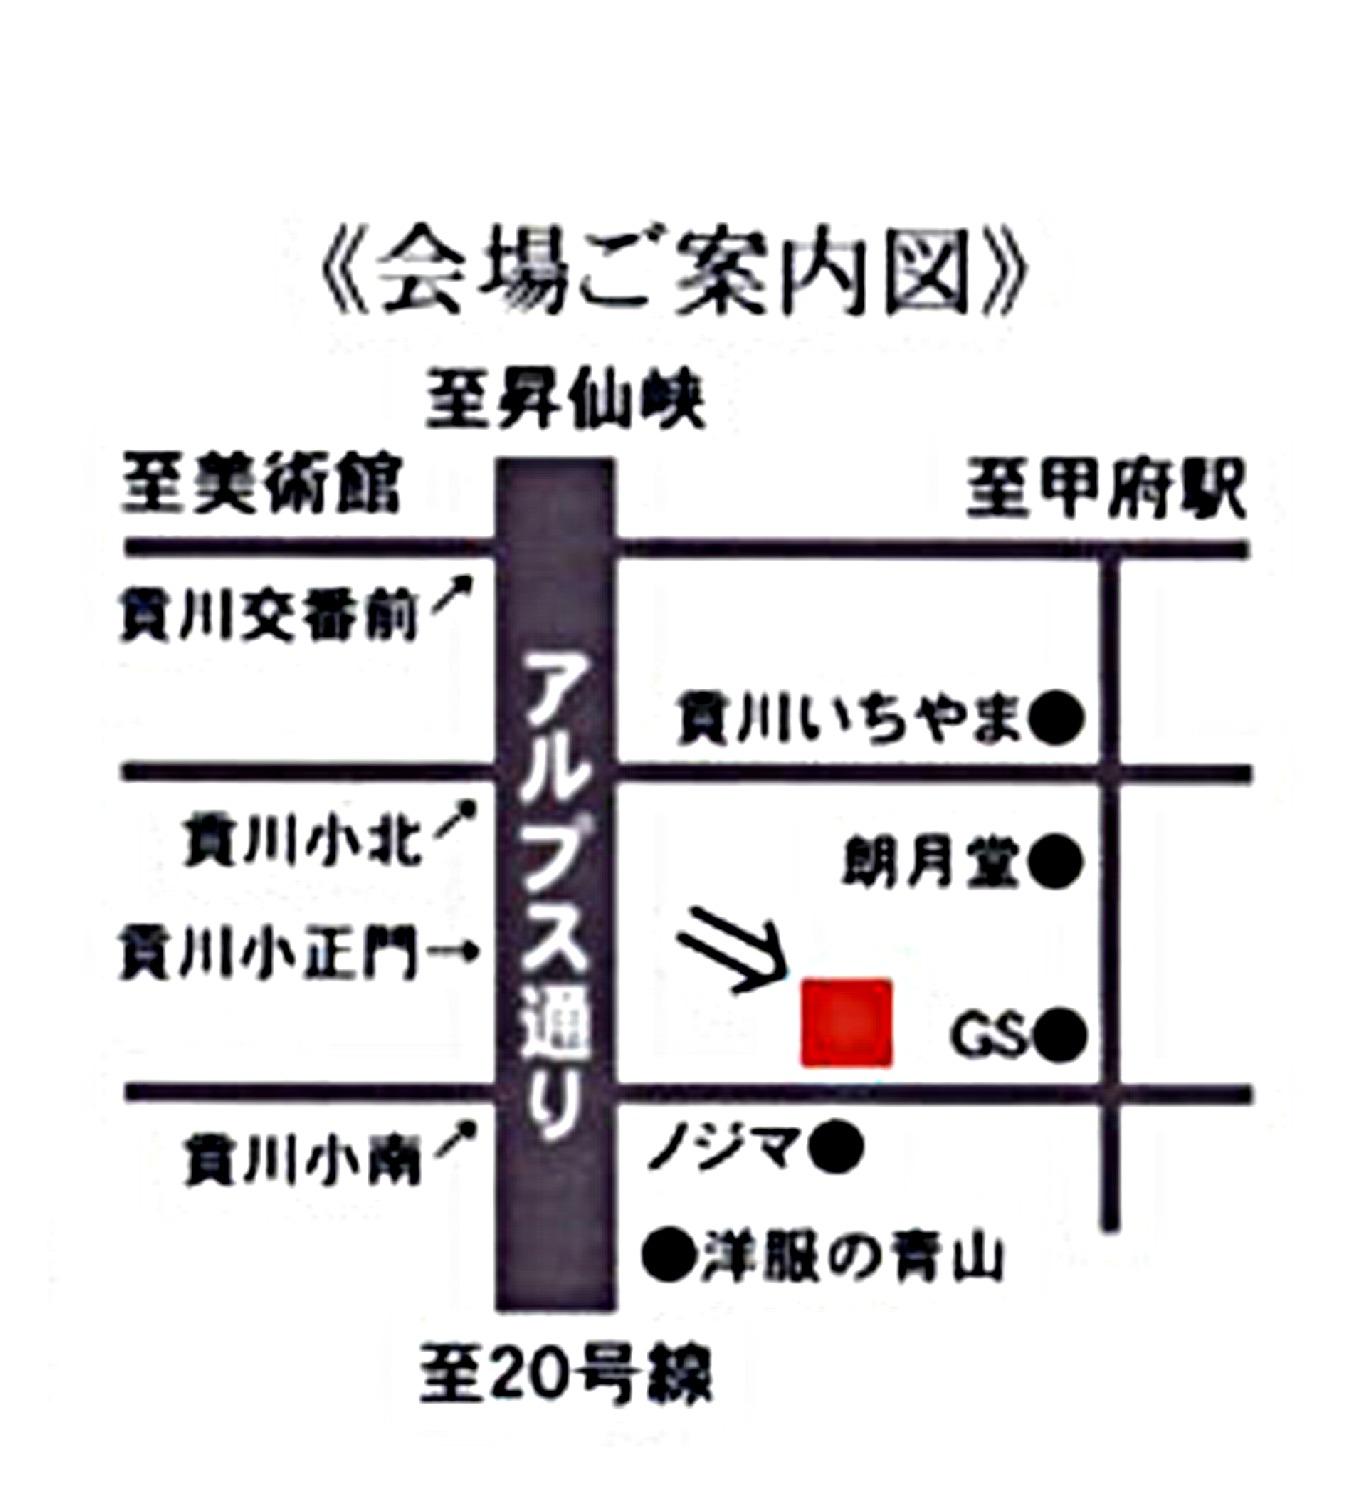 11月22日(日)甲府で久々の歌声喫茶_d0101556_11321765.jpg